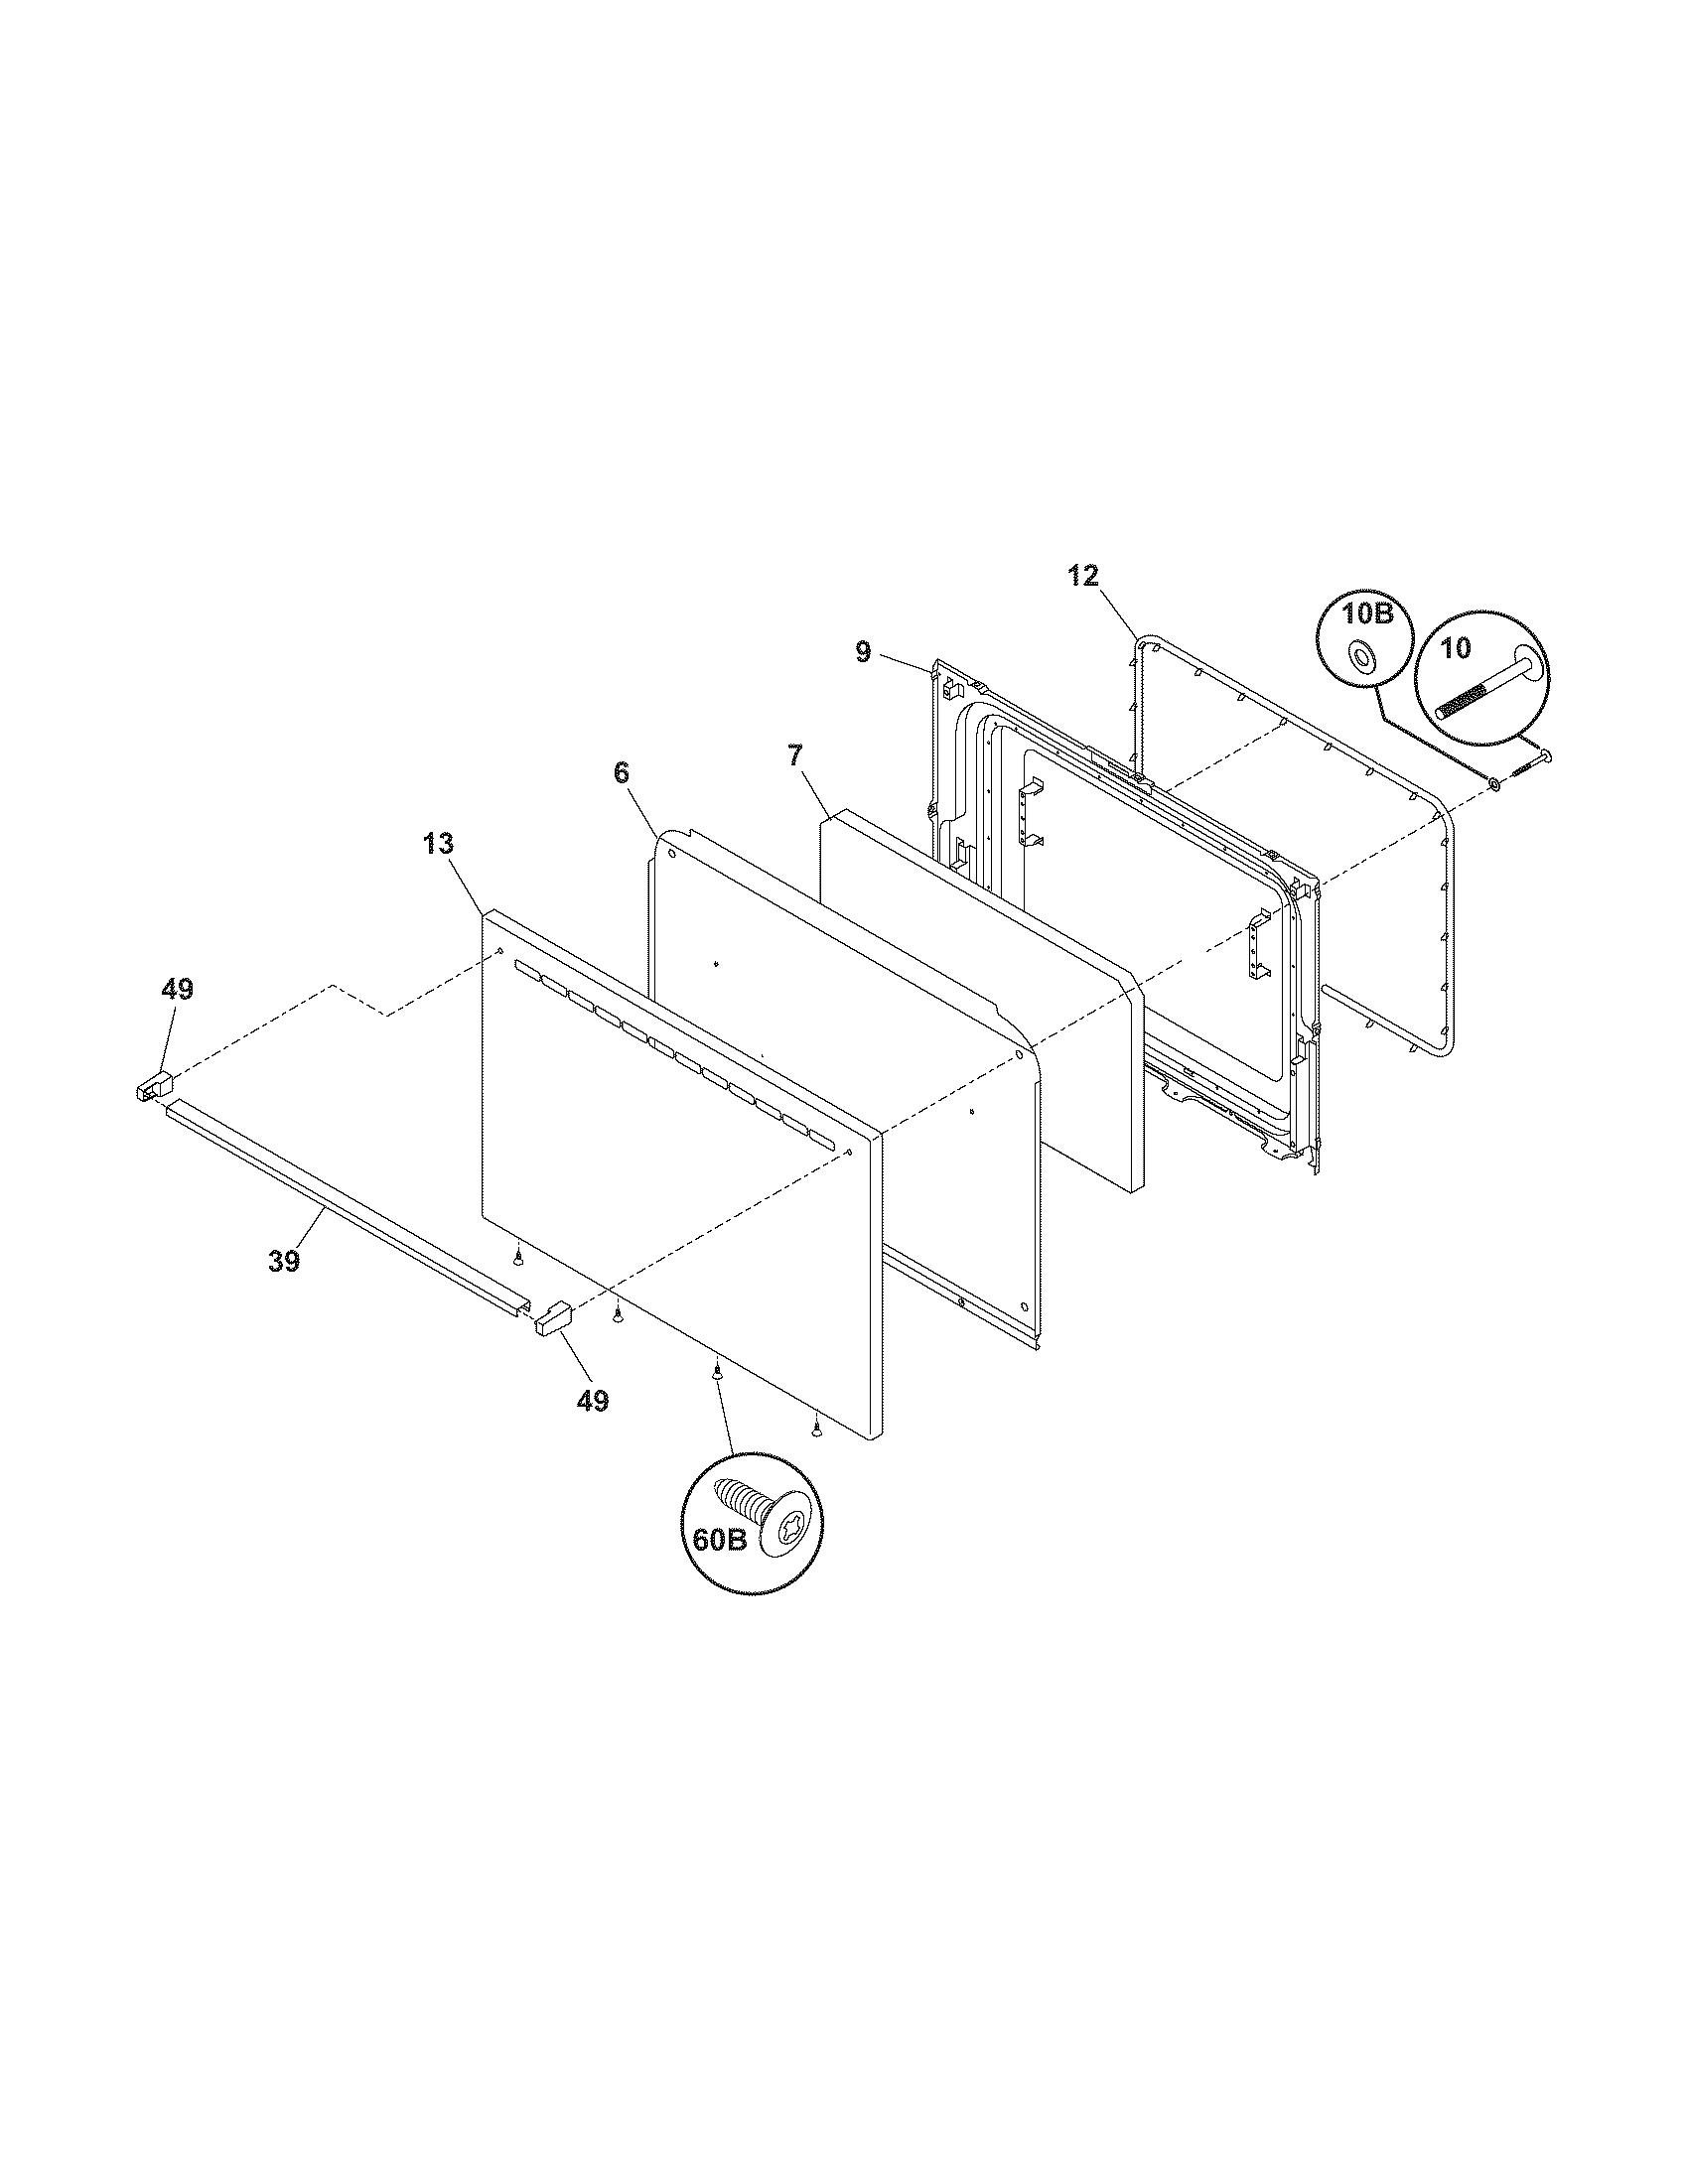 Tappan  Range   Parts